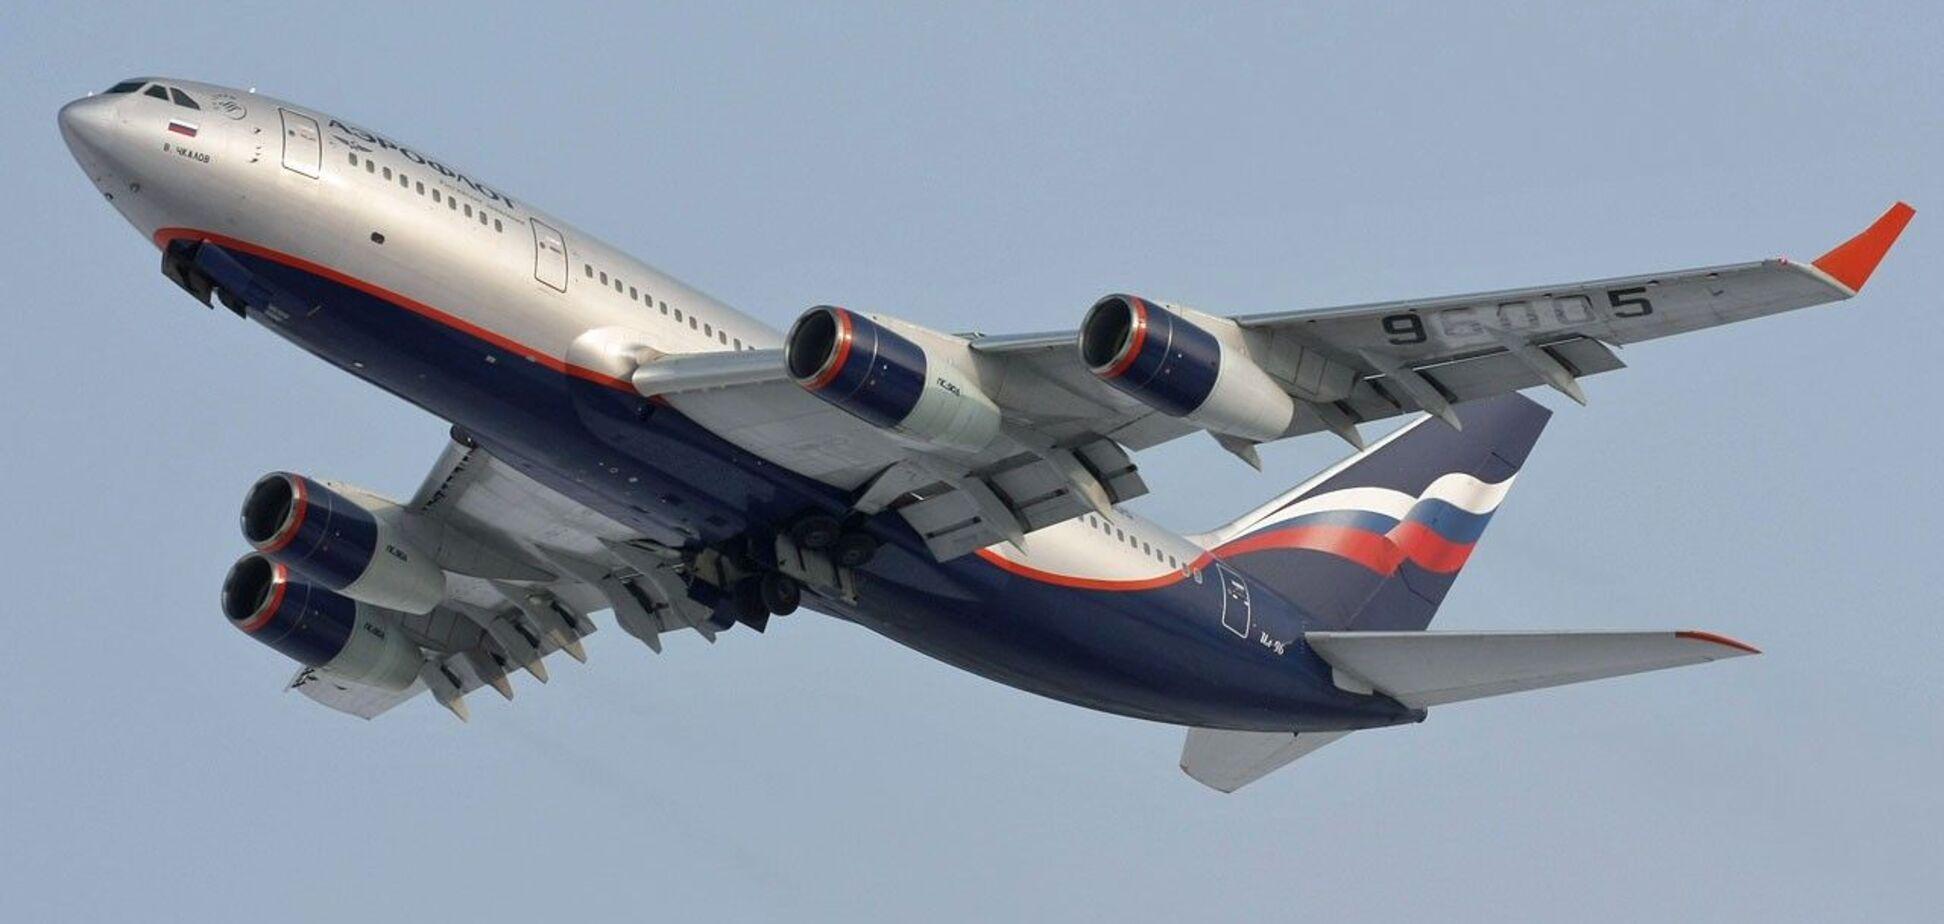 Журналист раскрыл тайну 'кокаинового самолета' России